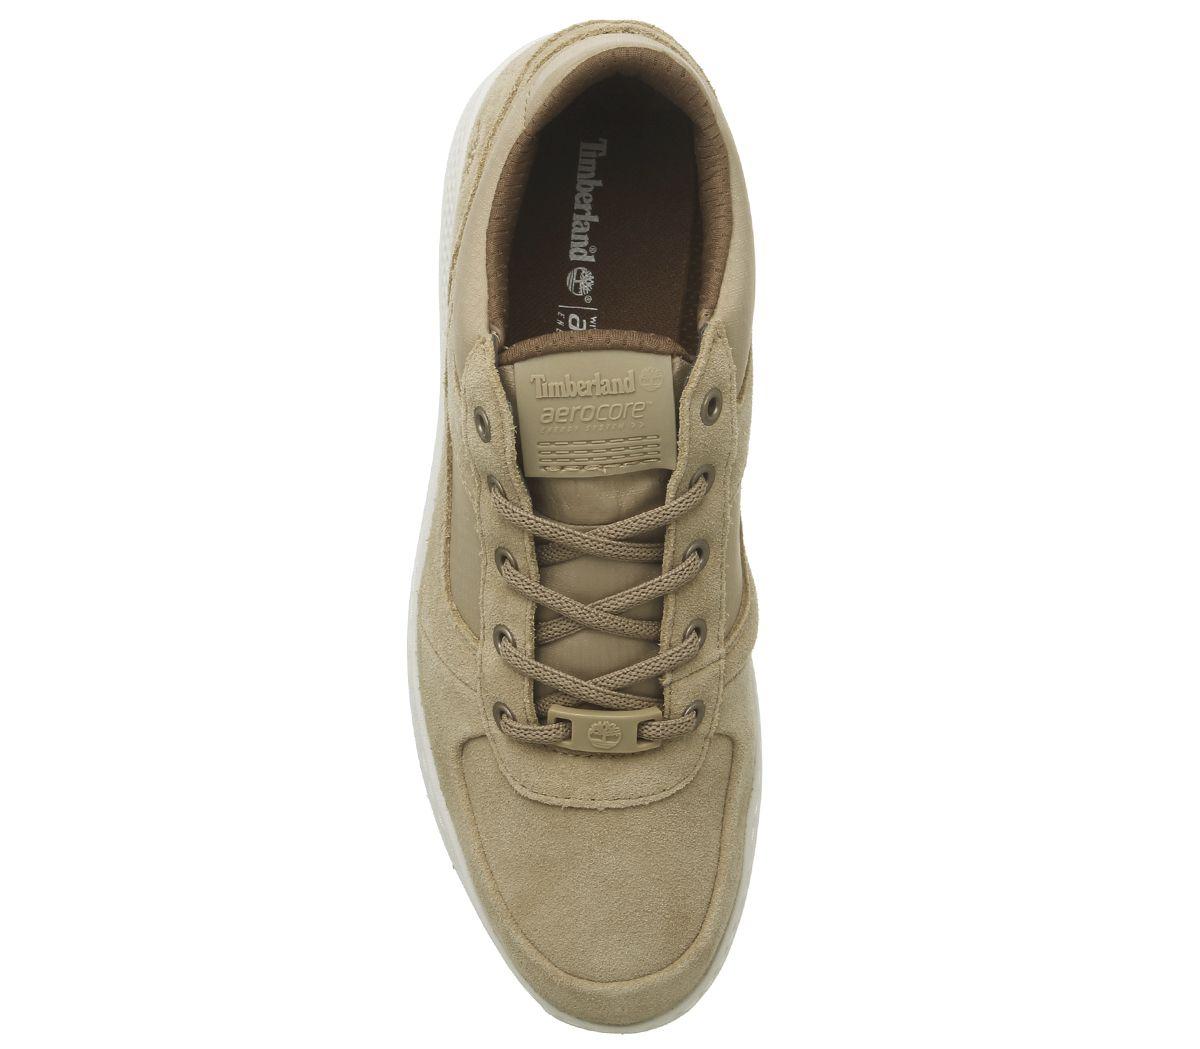 Para-hombre-Timberland-Cityroam-Cupsole-Super-buey-Entrenadores-Zapatos-informales-de-cafe-helado miniatura 10